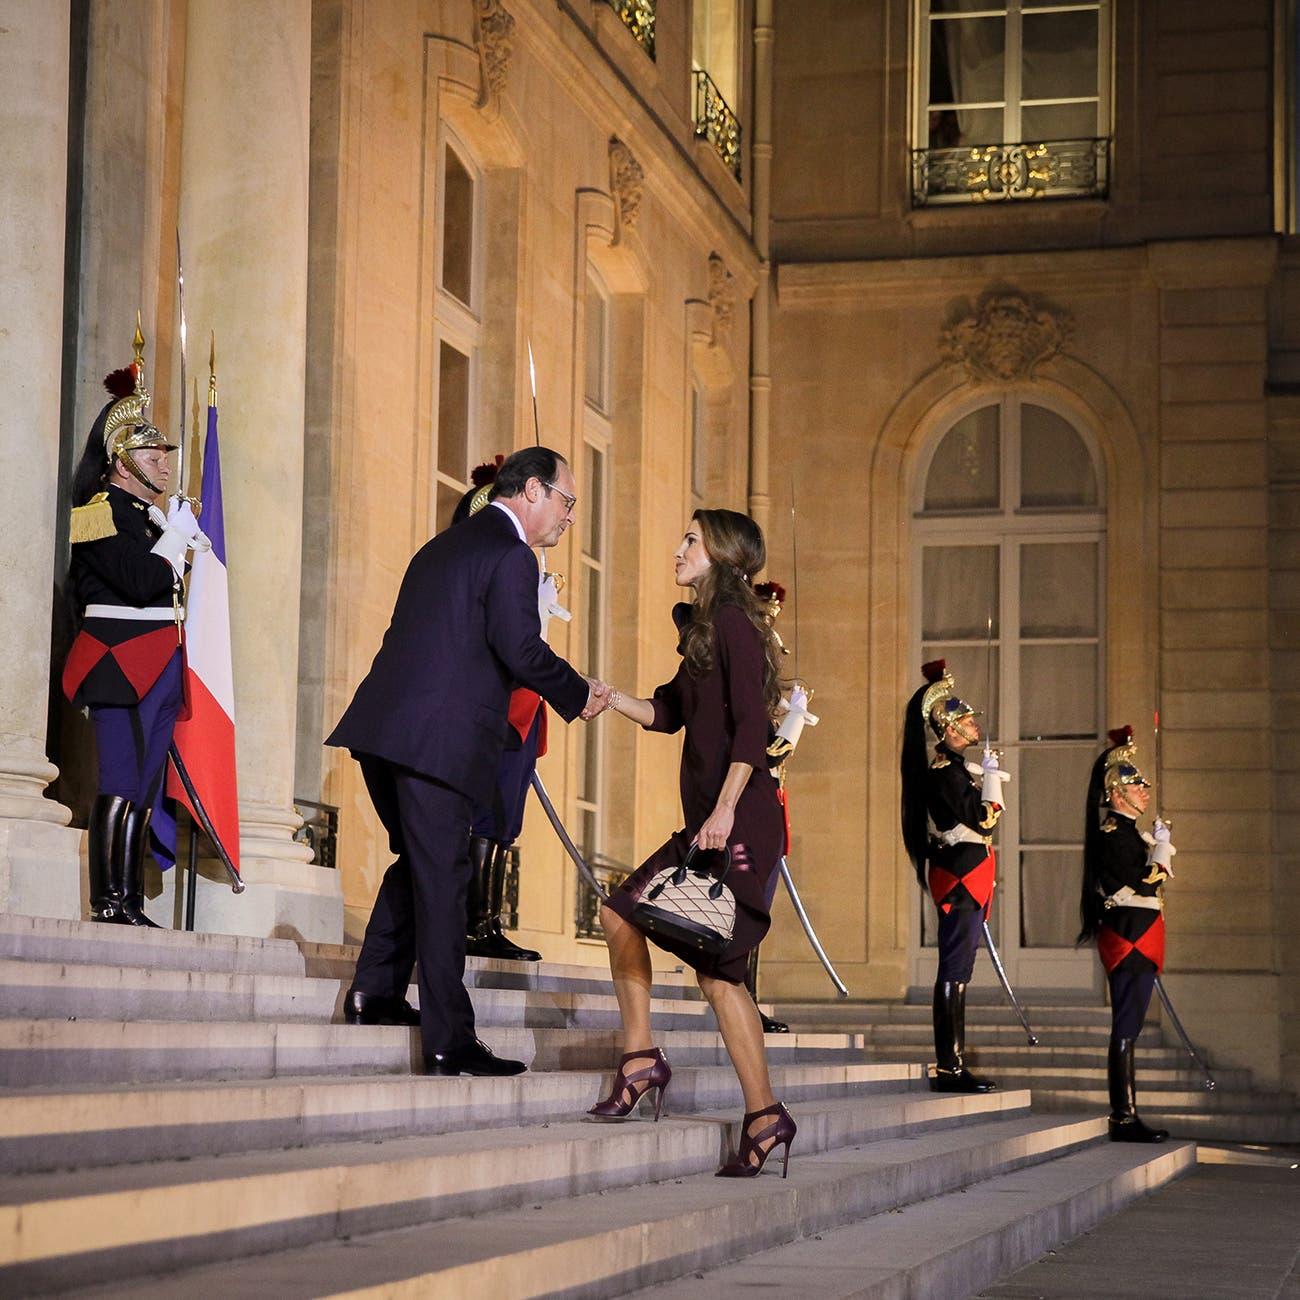 عشاء رسمي على شرف الملكة رانيا العبدالله في الإليزيه